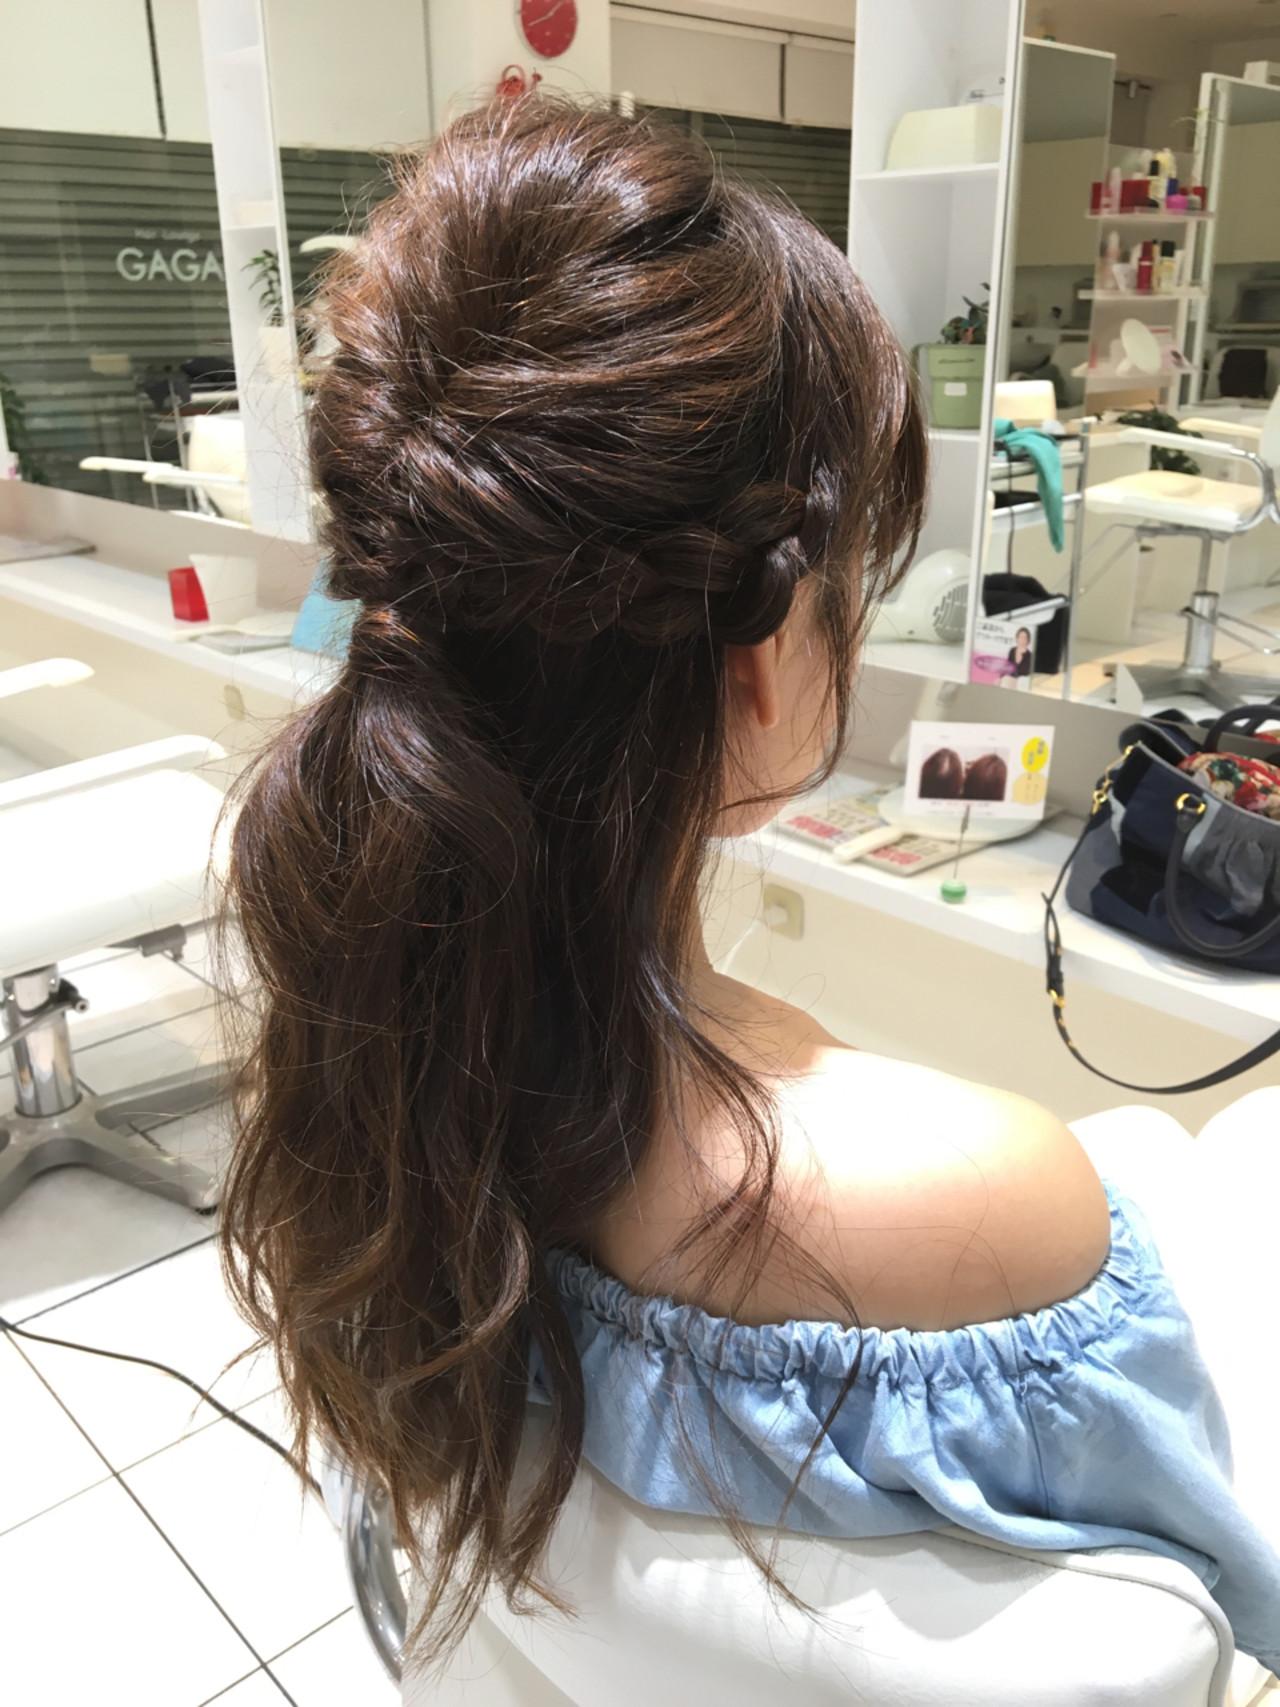 ハーフアップ くるりんぱ 簡単ヘアアレンジ セミロング ヘアスタイルや髪型の写真・画像 | 石田裕紀 / Baroque 立川 newtonグループ